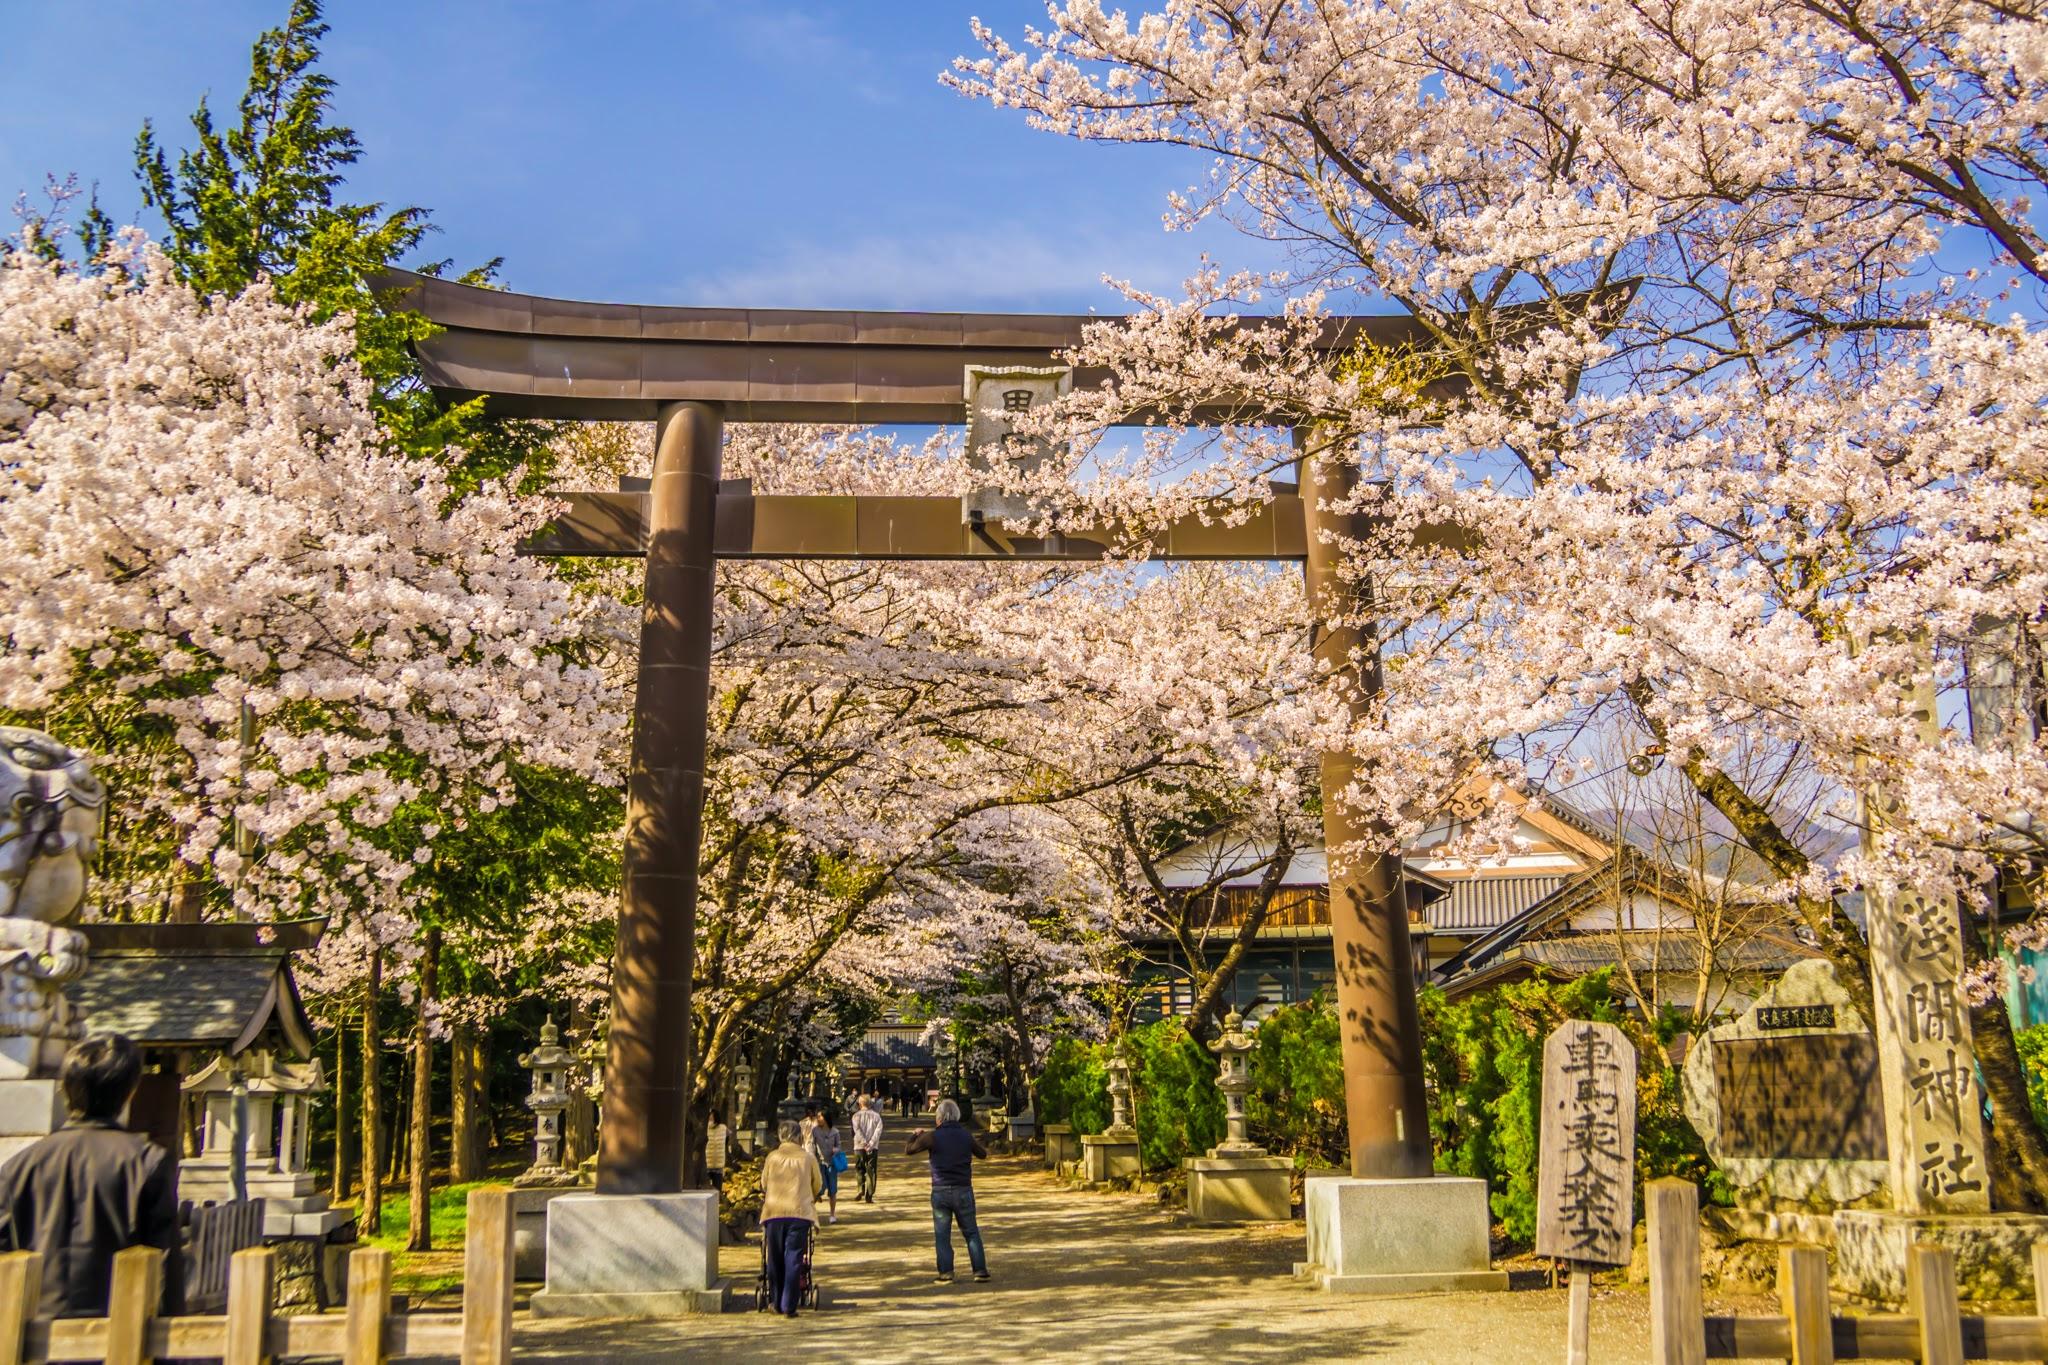 富士御室神社 アイキャッチ画像